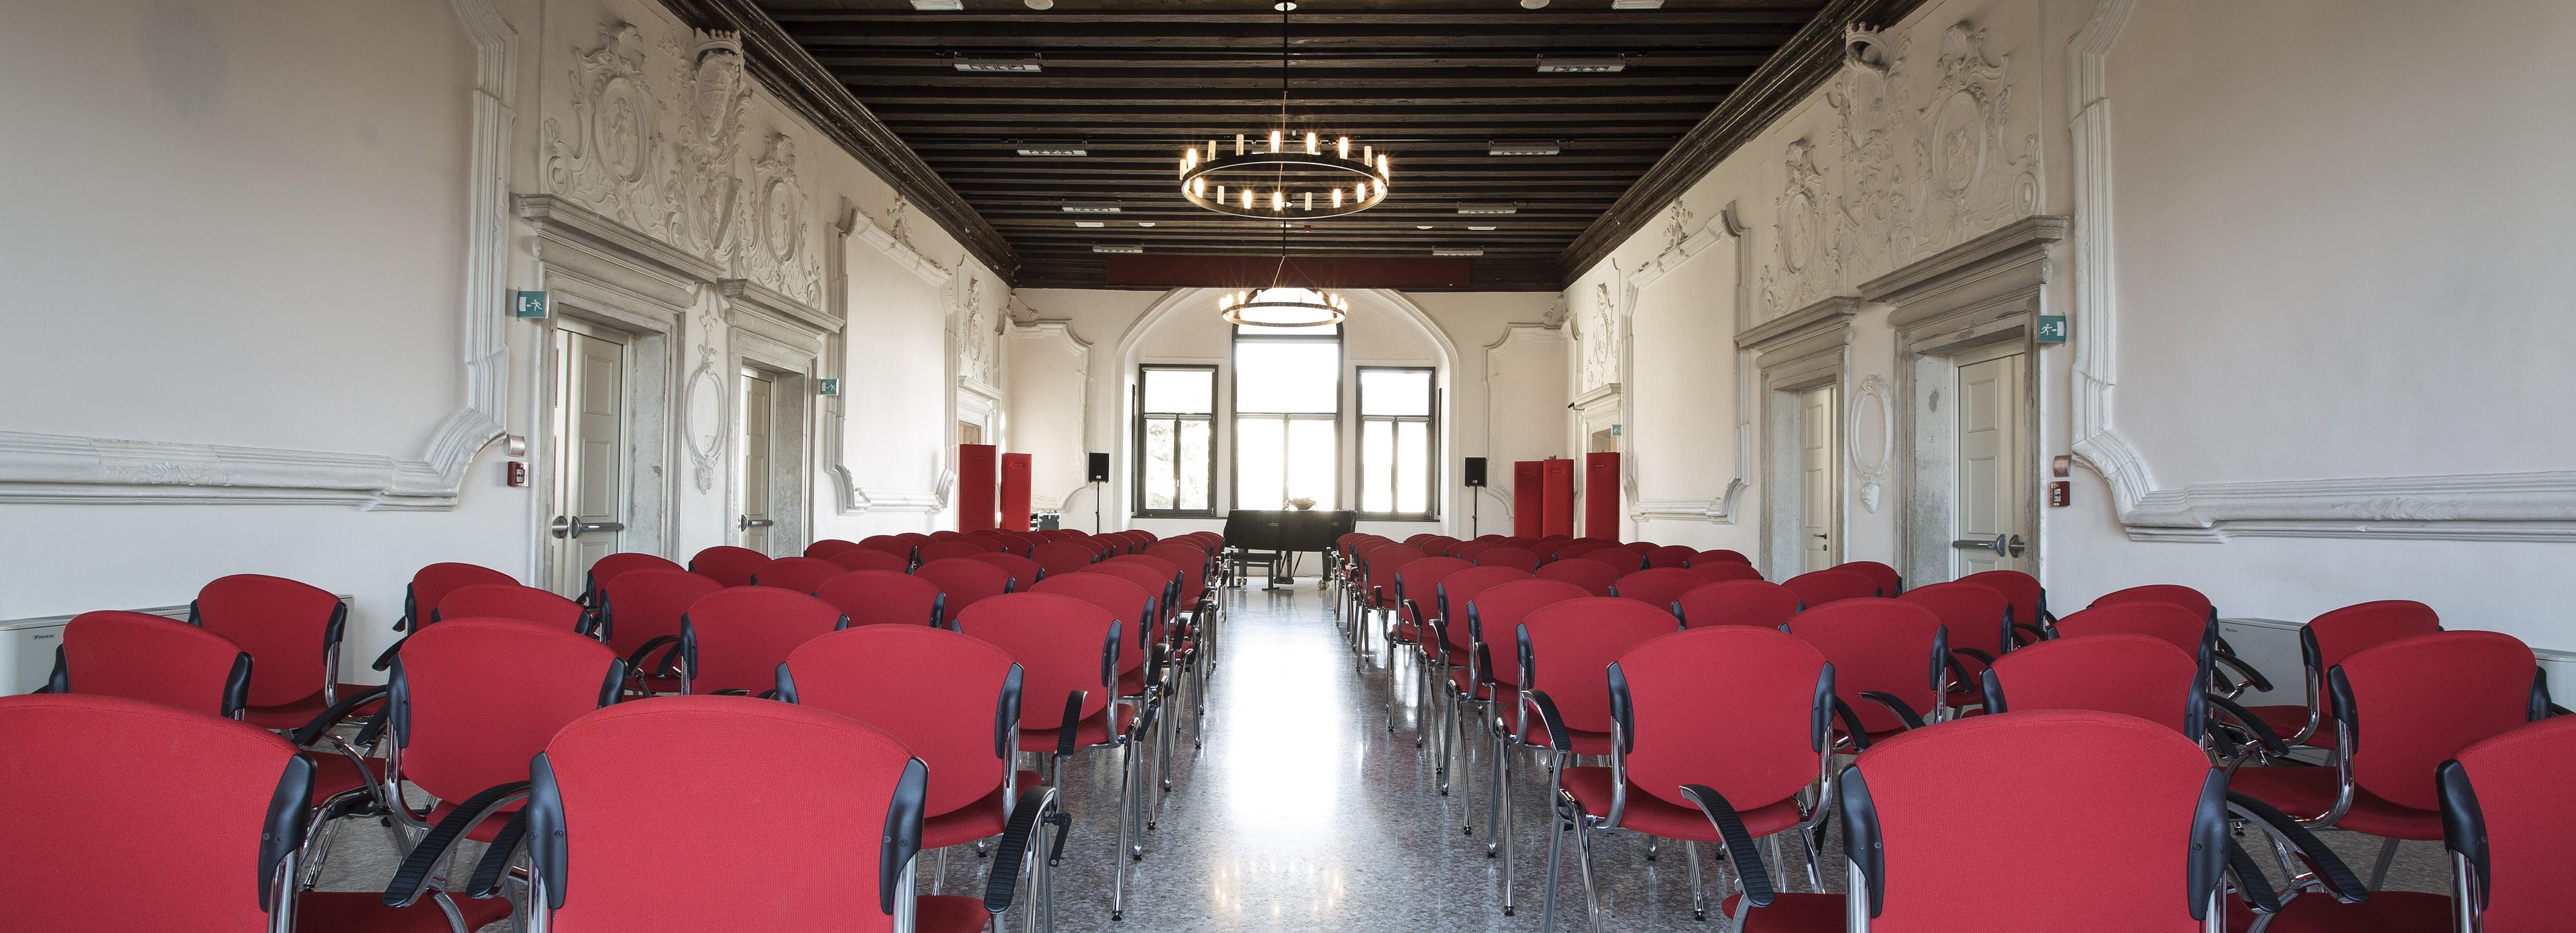 CRAF - Centro Ricerca Archiviazione Fotografia